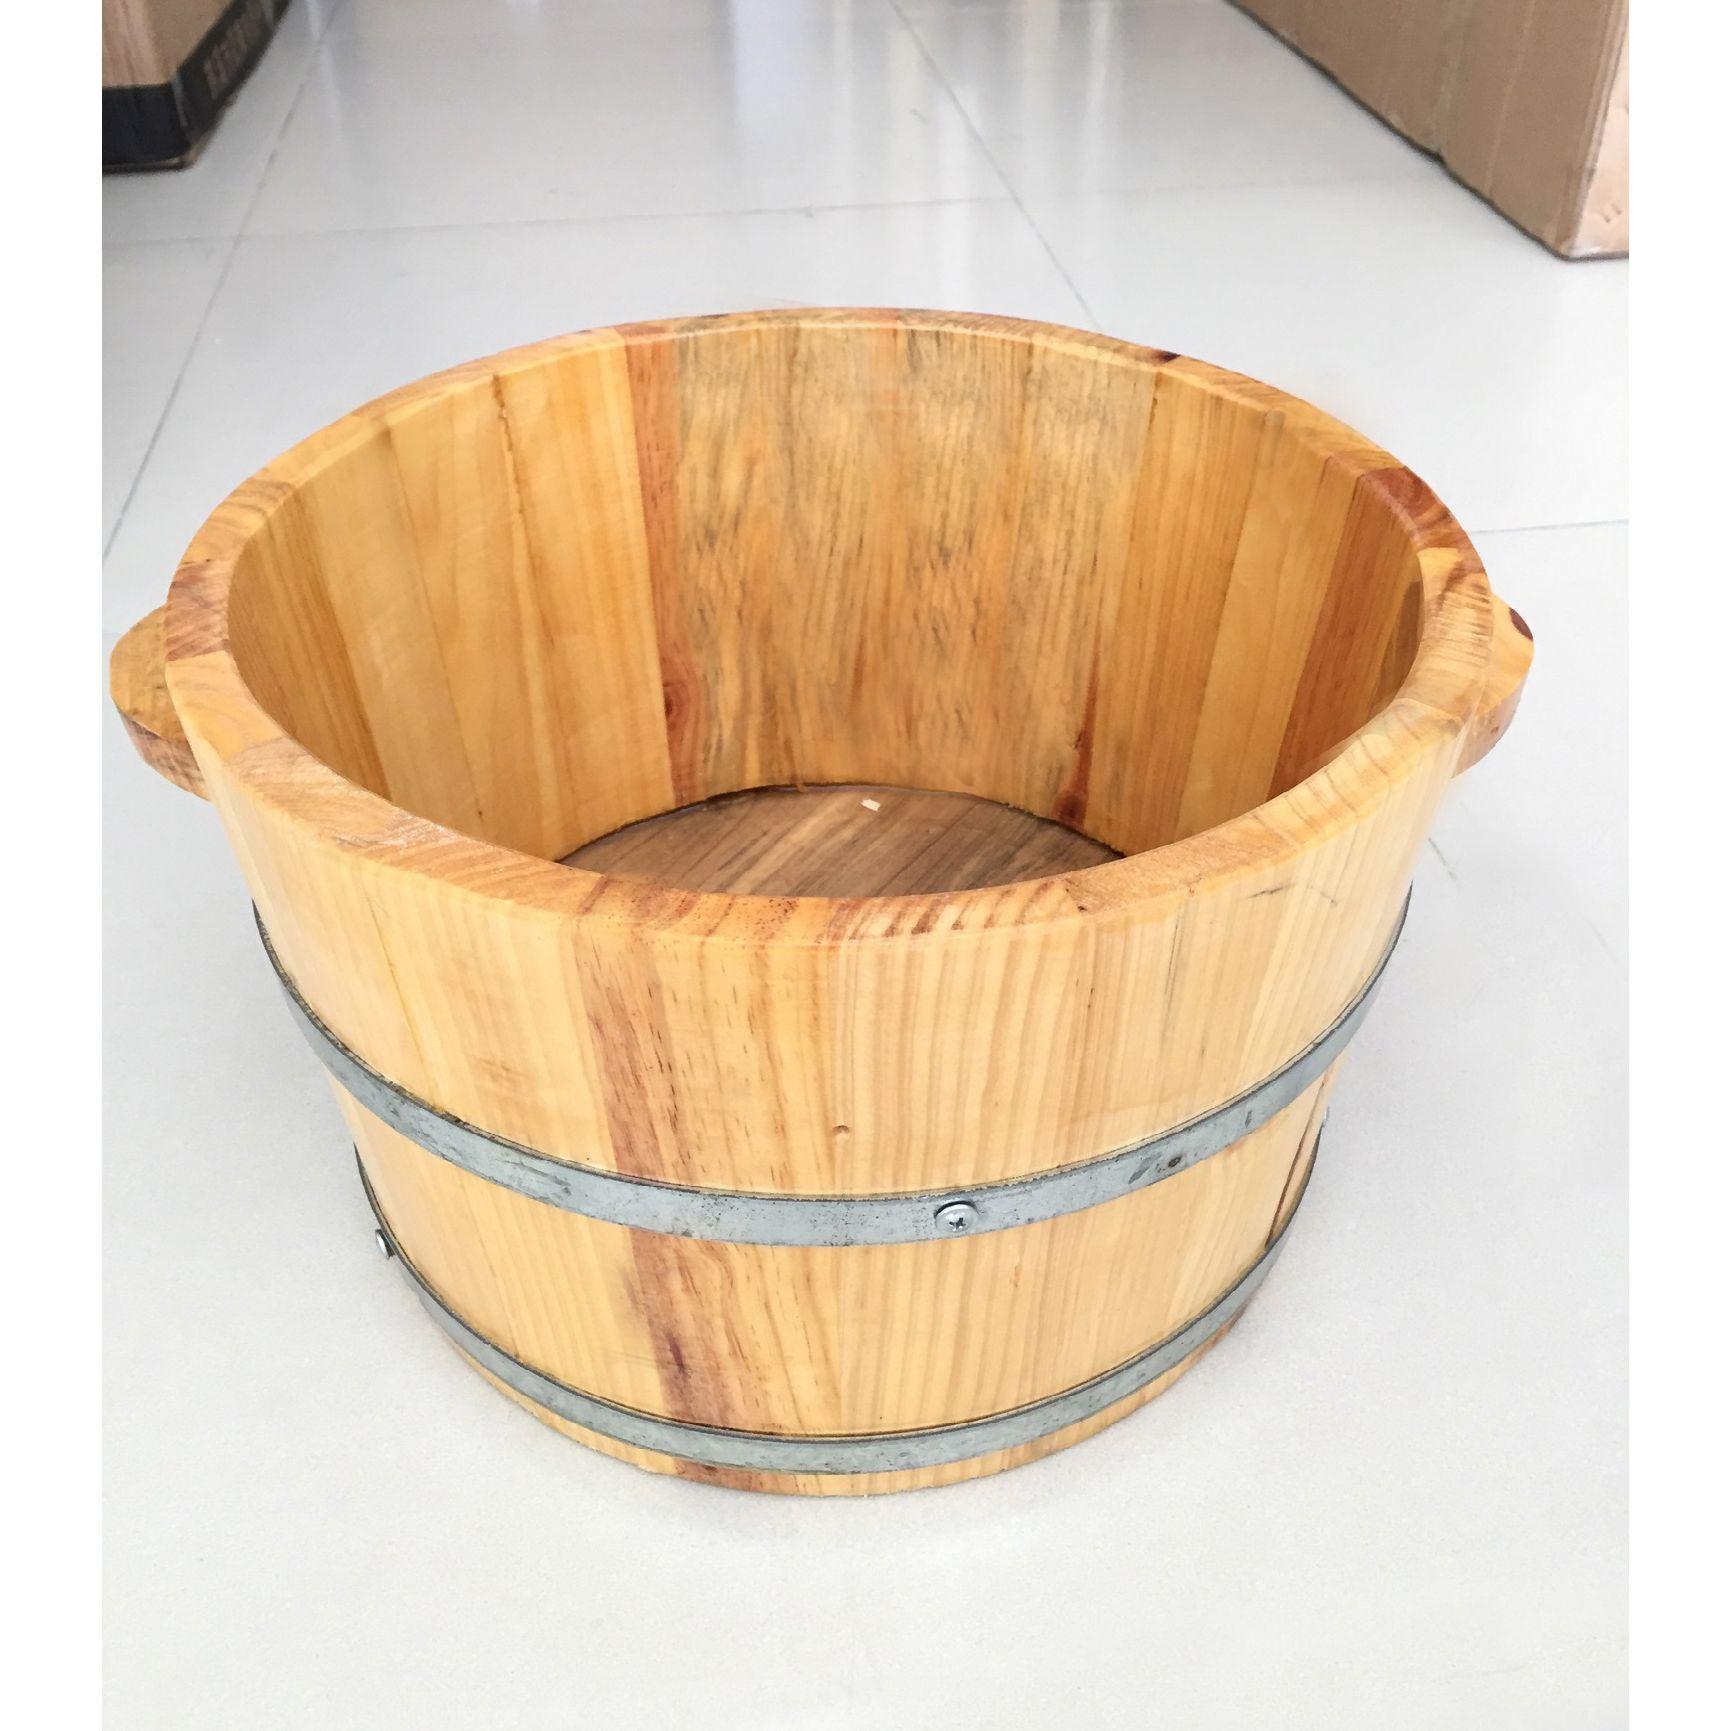 Ngâm chân trong chậu gỗ để làm gì?